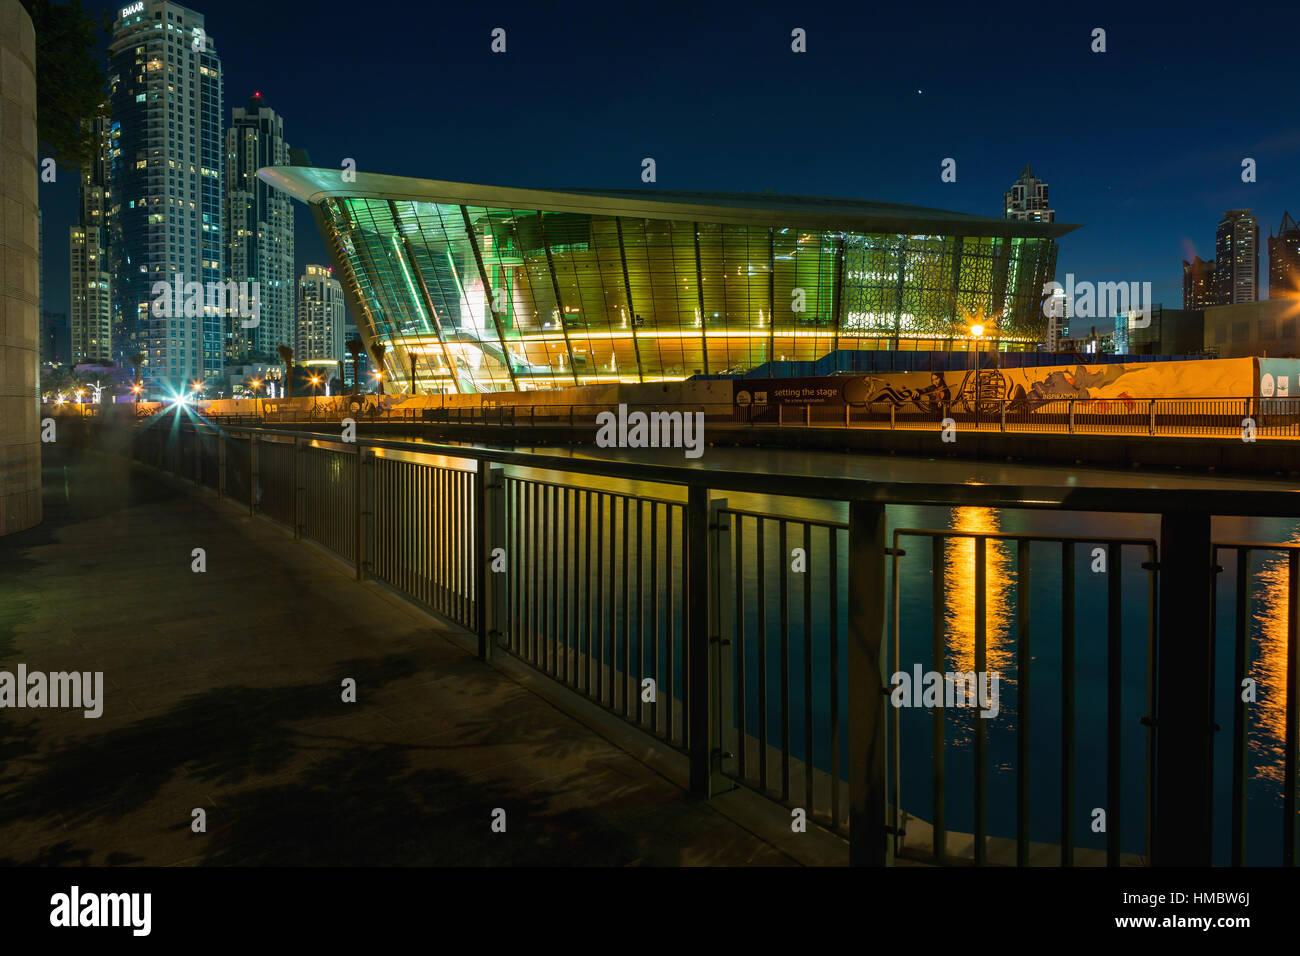 Dubaï émirats arabes unis 9 novembre 2016 nuit vue sur dhow emblématique